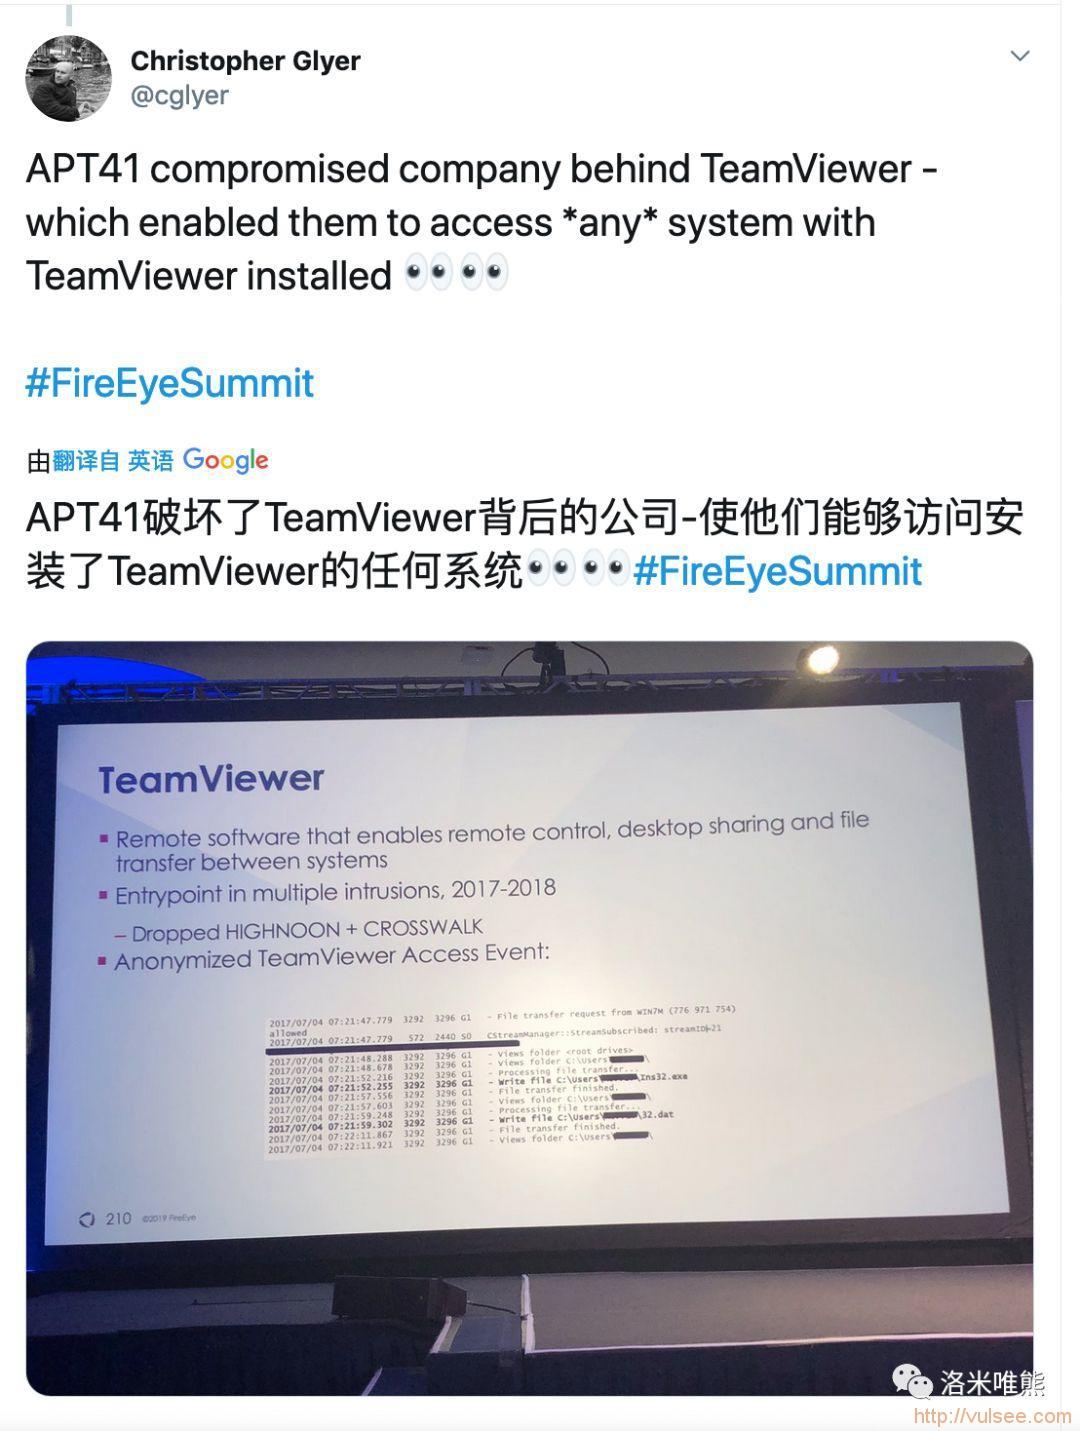 Teamviewer疑似遭遇APT组织攻击